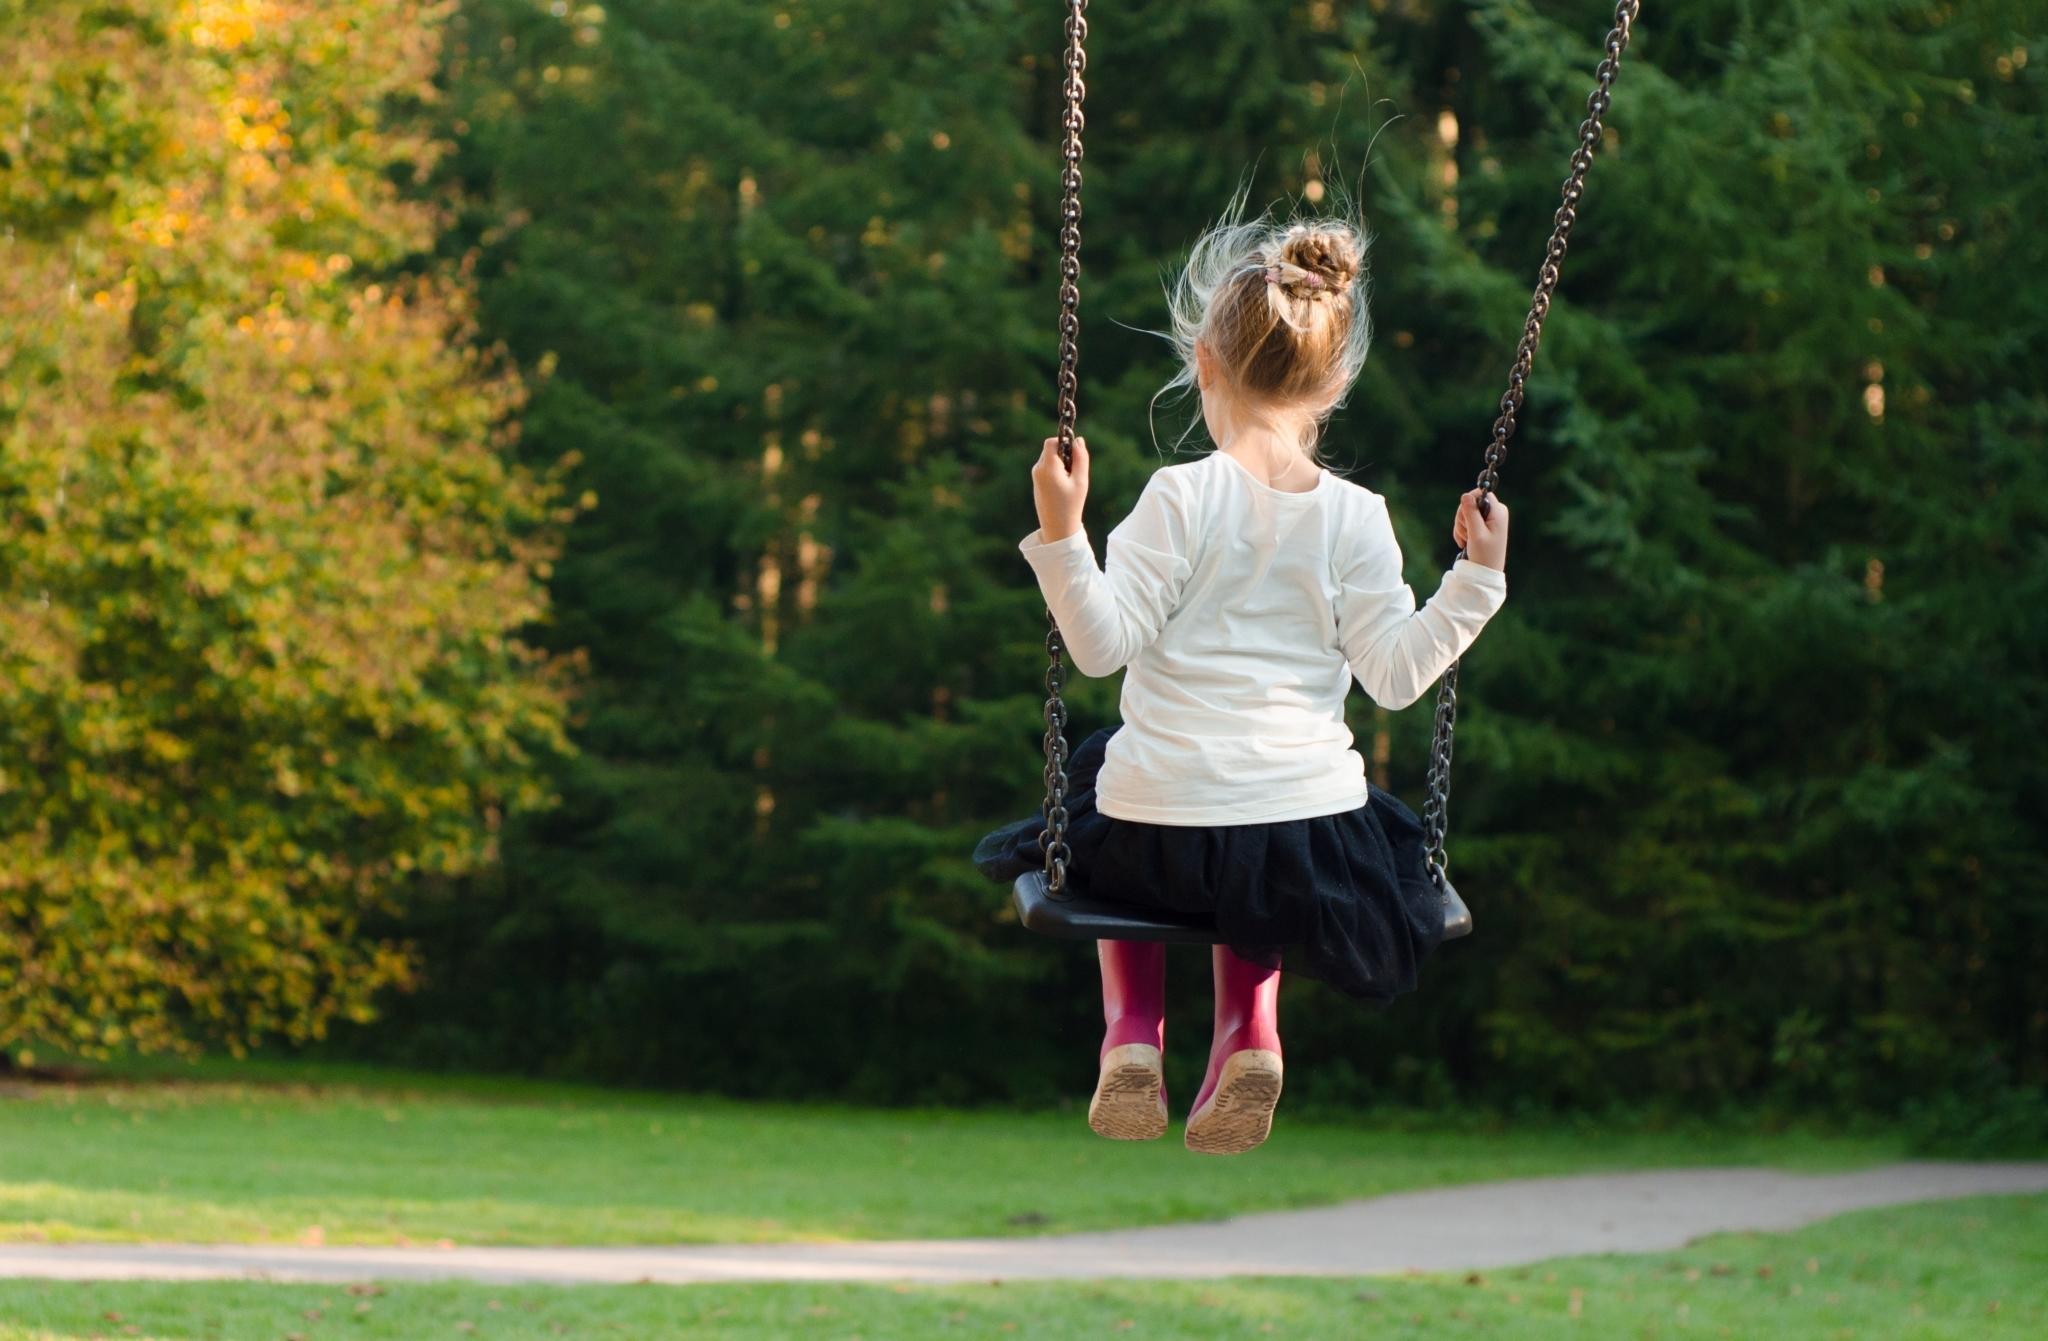 Child girl kid 12165